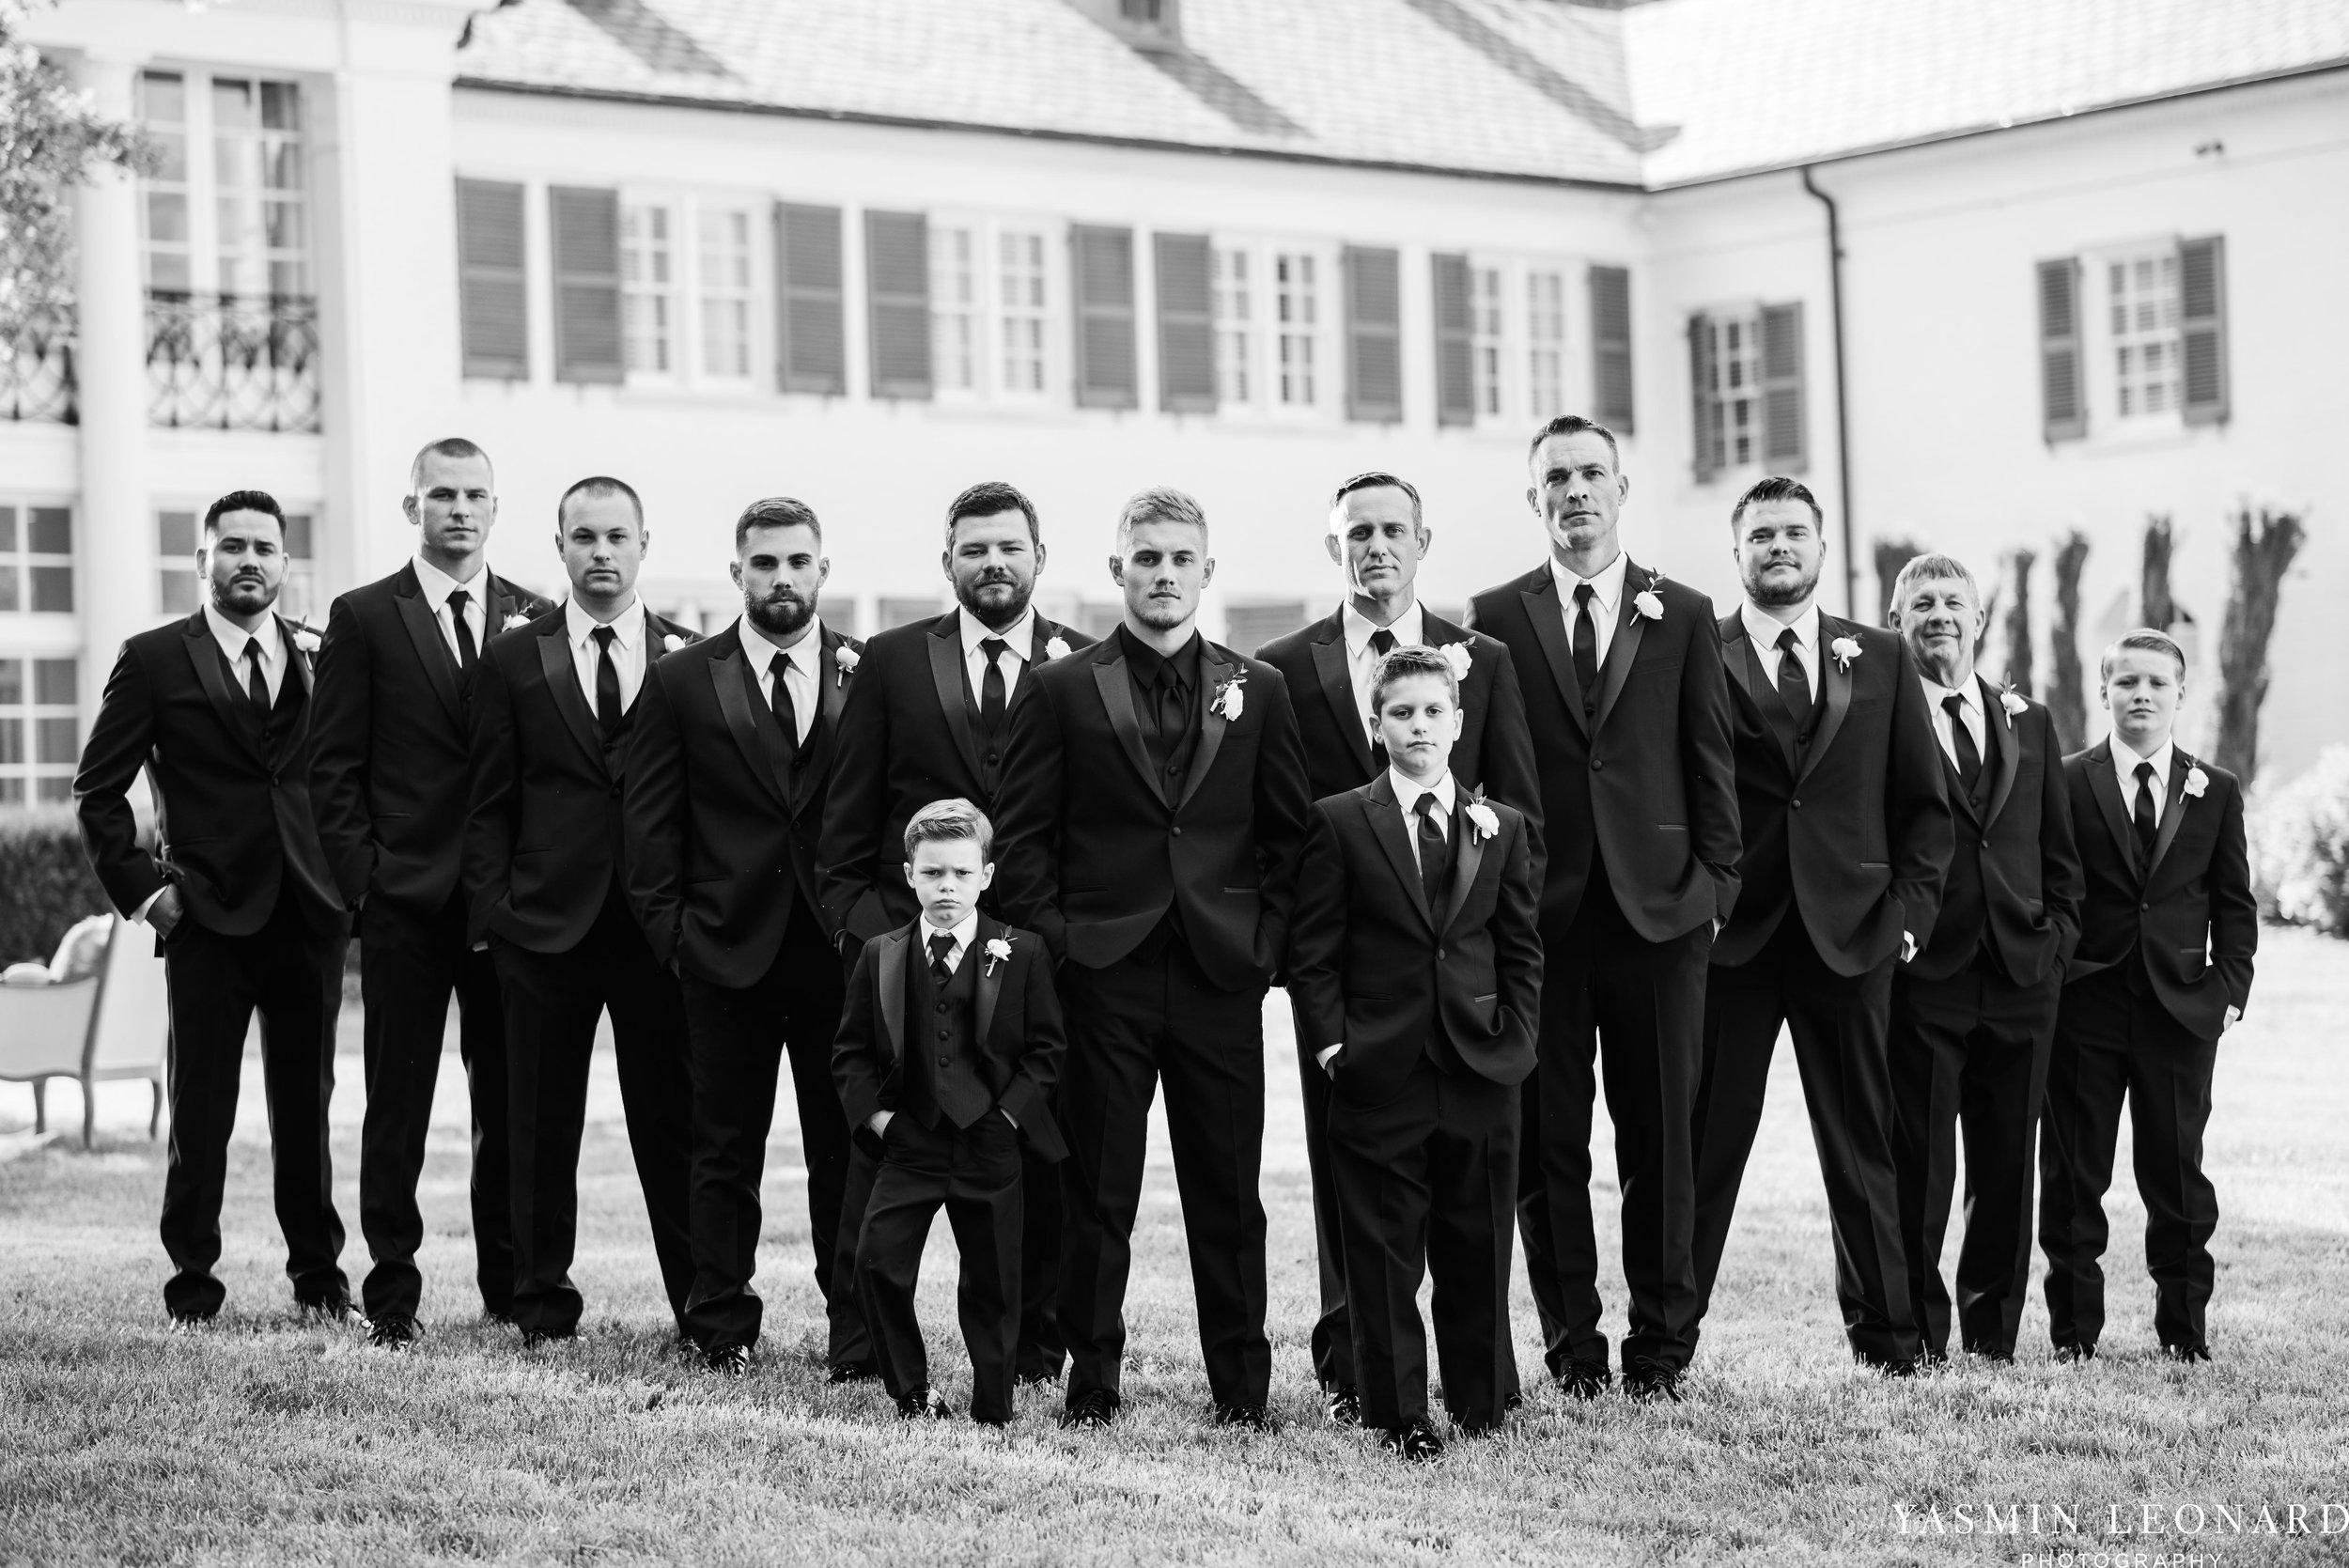 Boxwood Estate - Boxwood Estate Wedding - Luxury Wedding - Black and White Wedding - NC Wedding Venues - NC Weddings - NC Photographer - Lantern Release Grand Exit - Large Wedding Party - Yasmin Leonard Photography-19.jpg